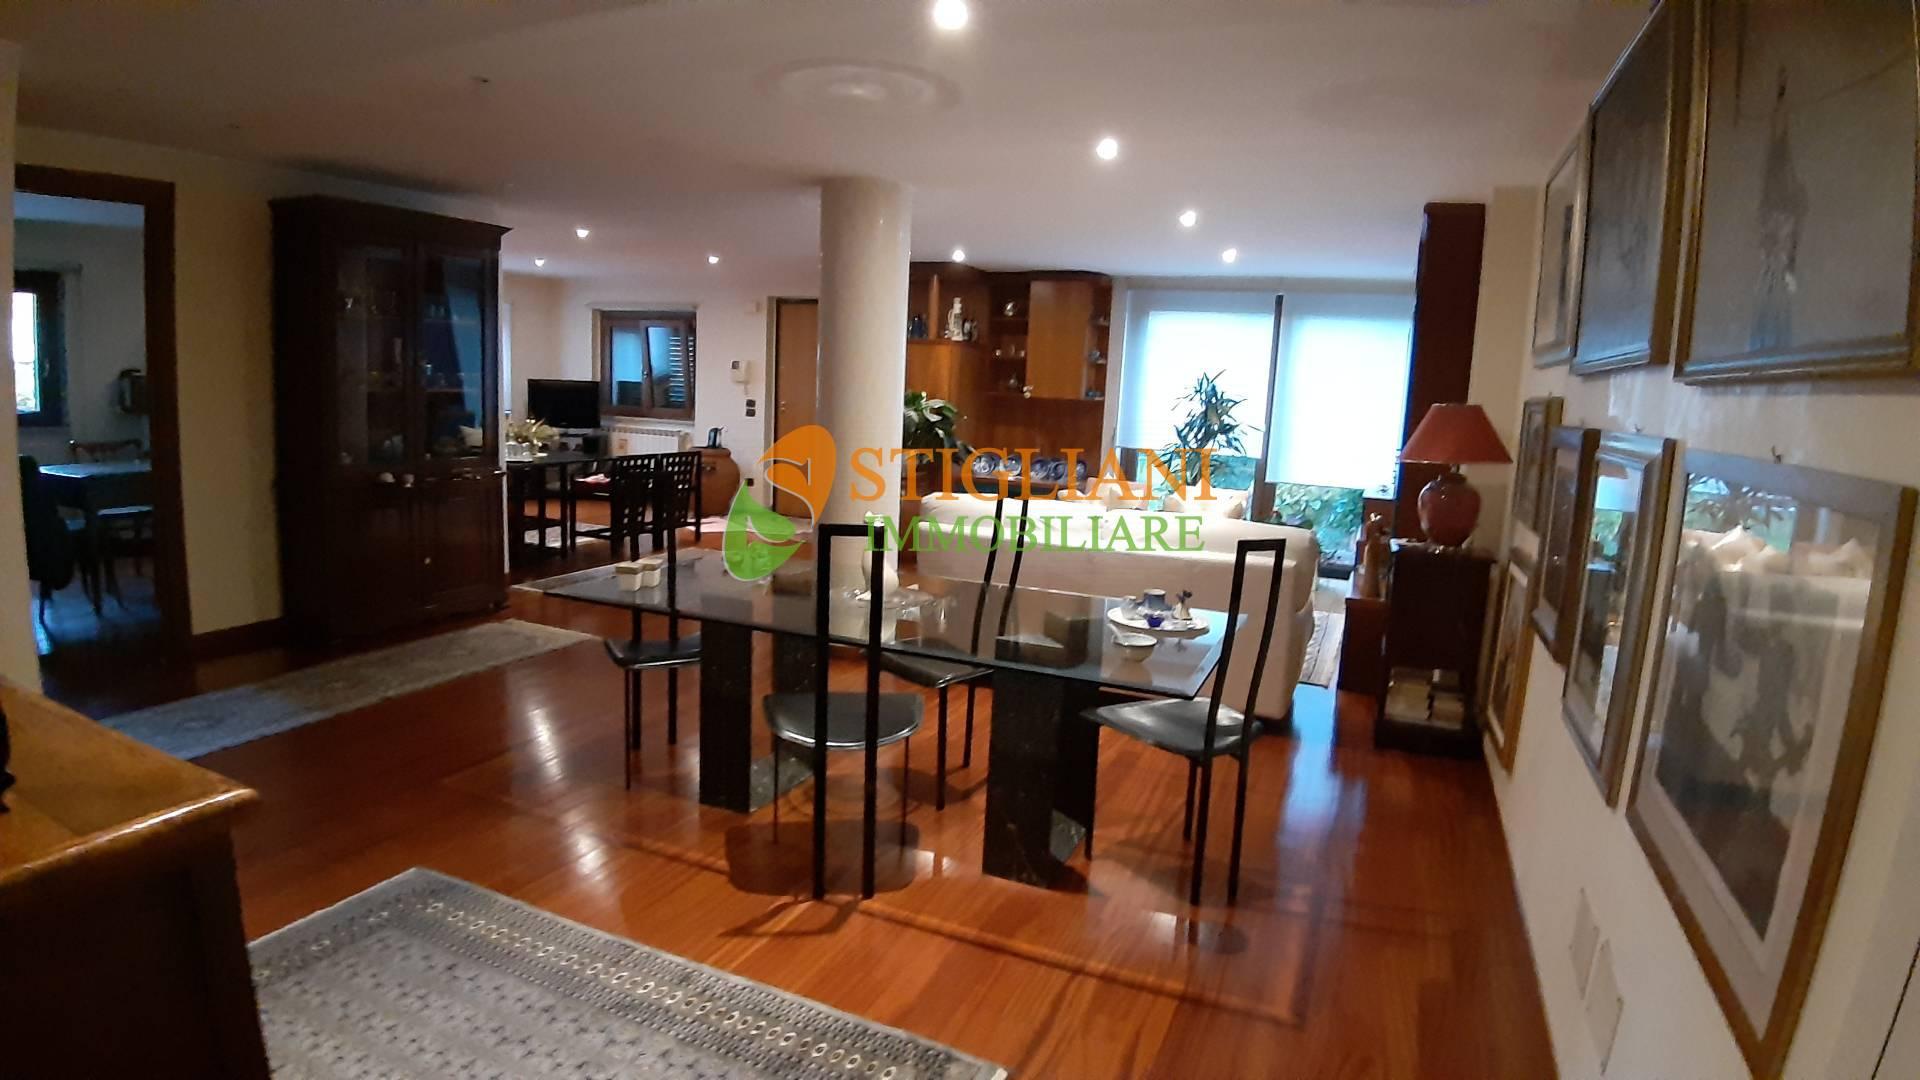 Villa Bifamiliare in vendita a Campobasso, 8 locali, zona Zona: Semicentro, Trattative riservate | CambioCasa.it